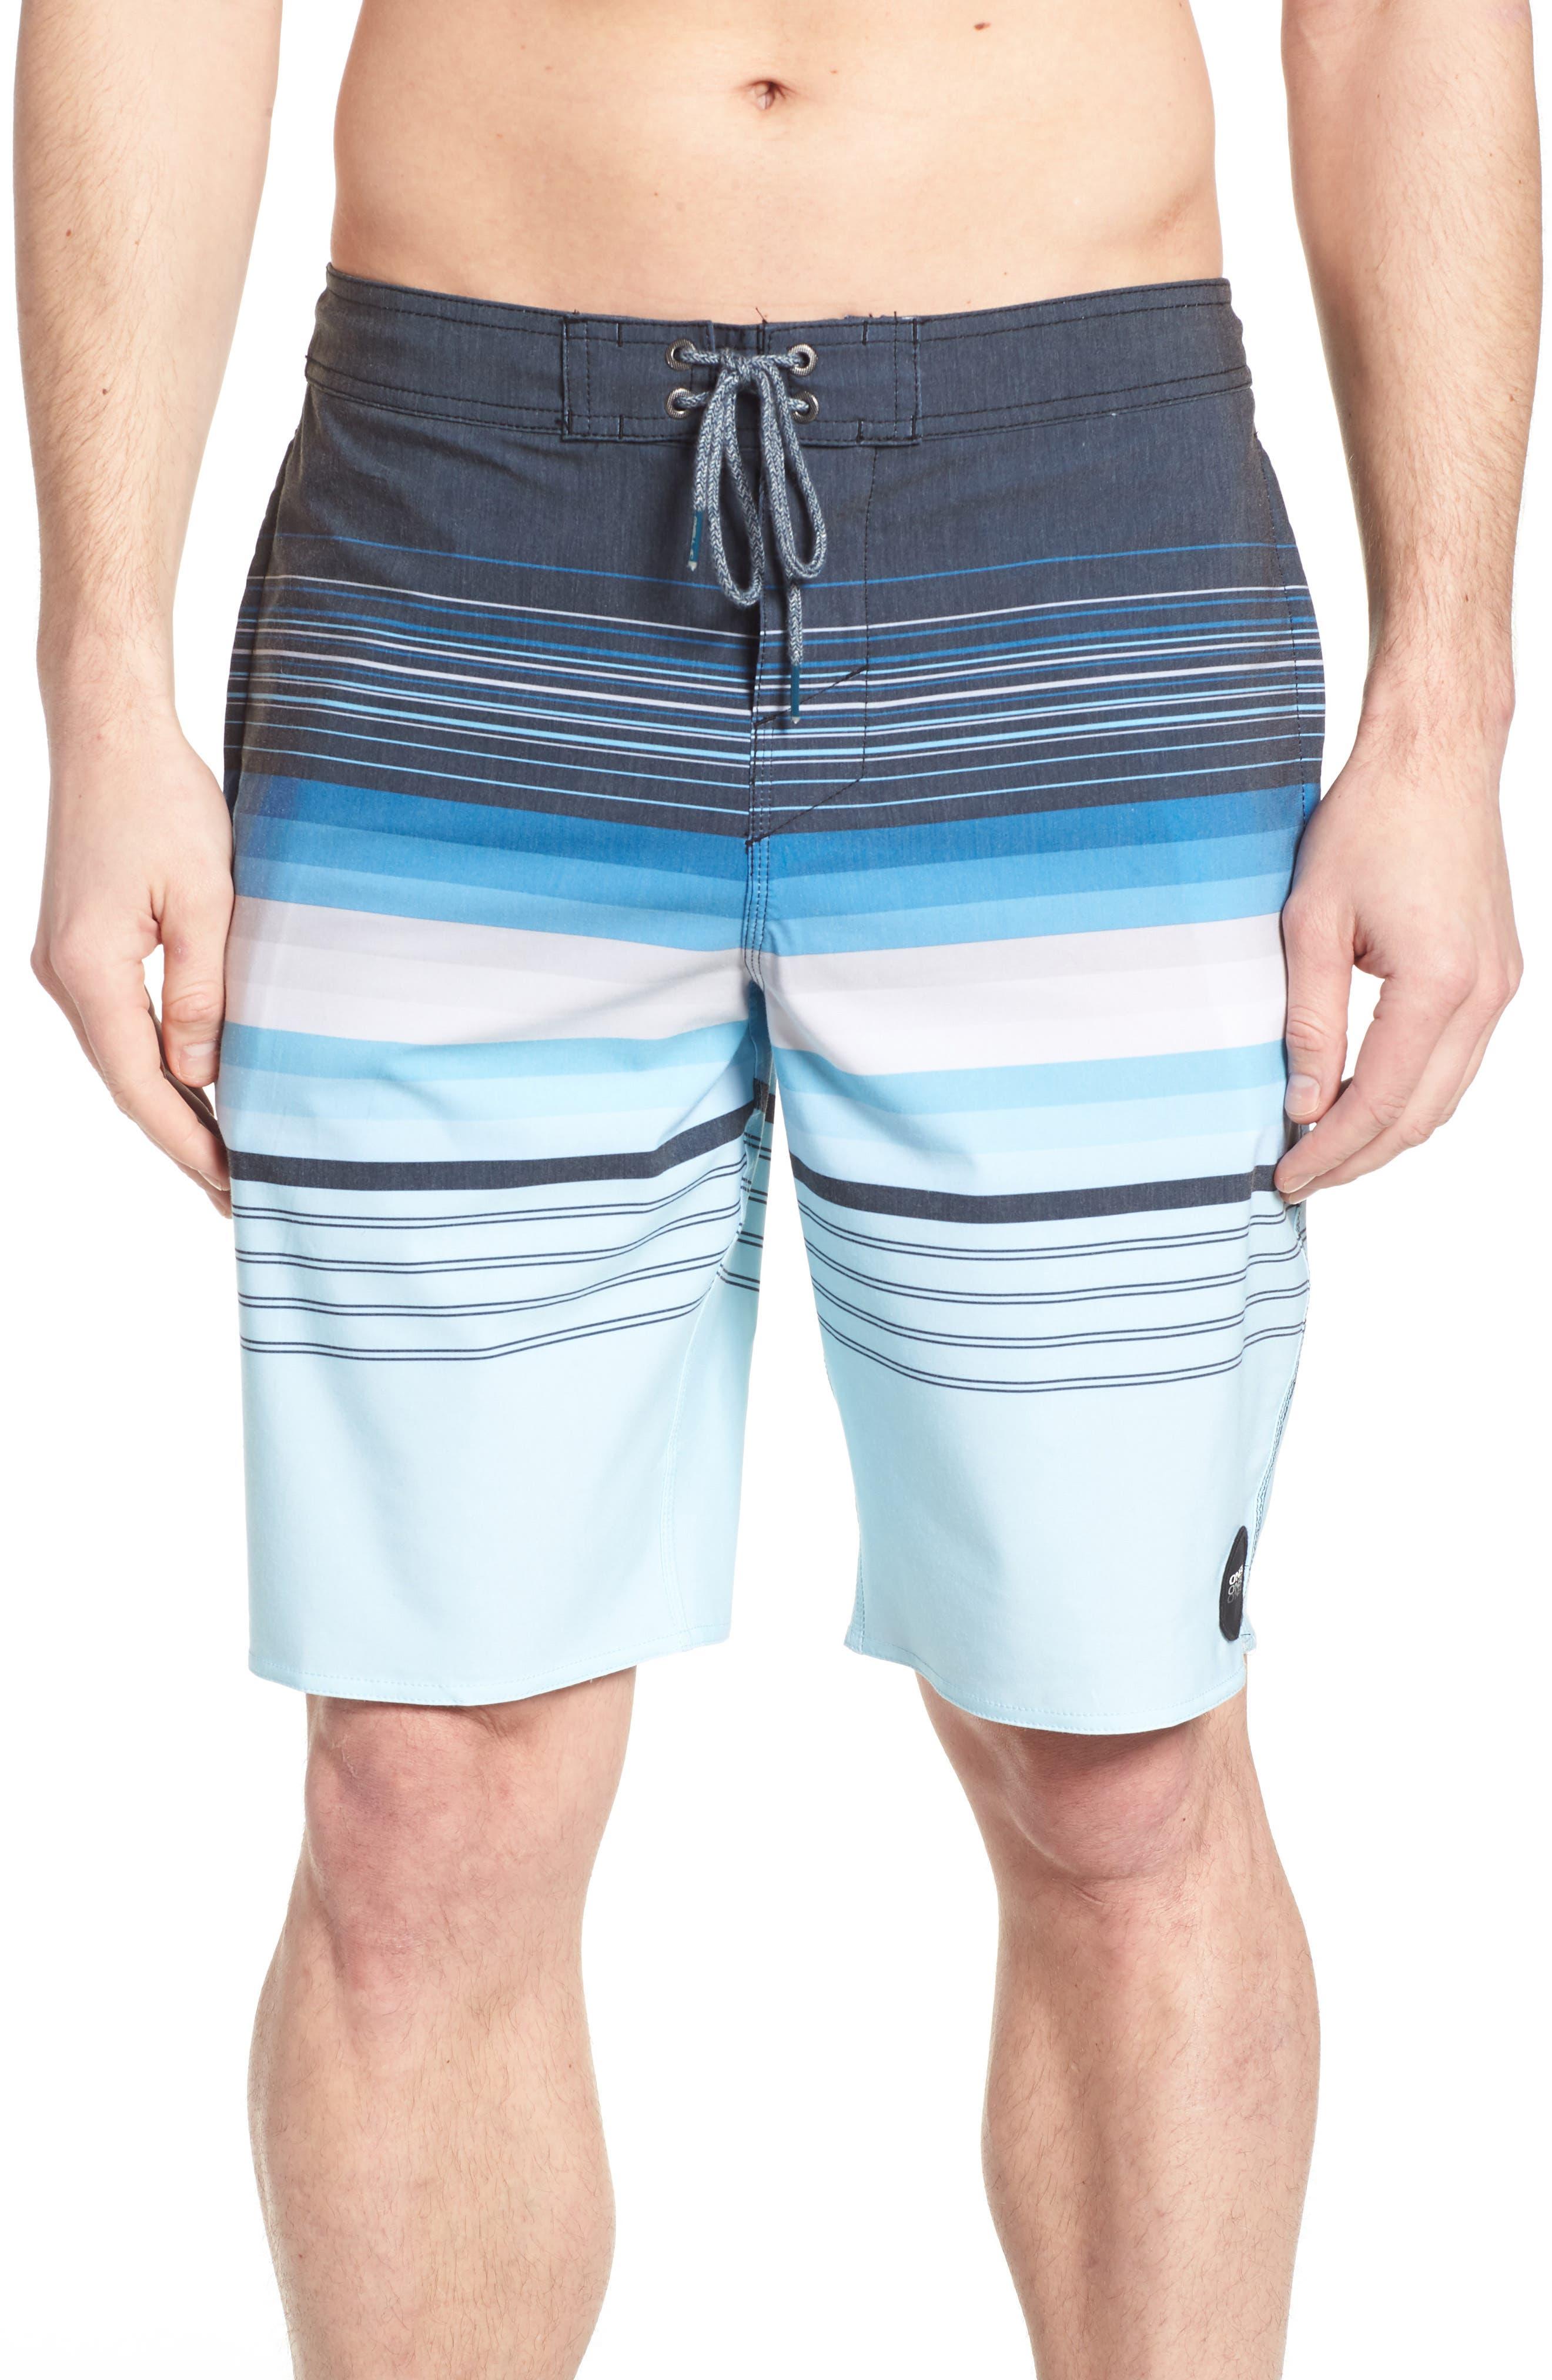 Sandbar Cruzer Board Shorts,                             Main thumbnail 1, color,                             NAVY